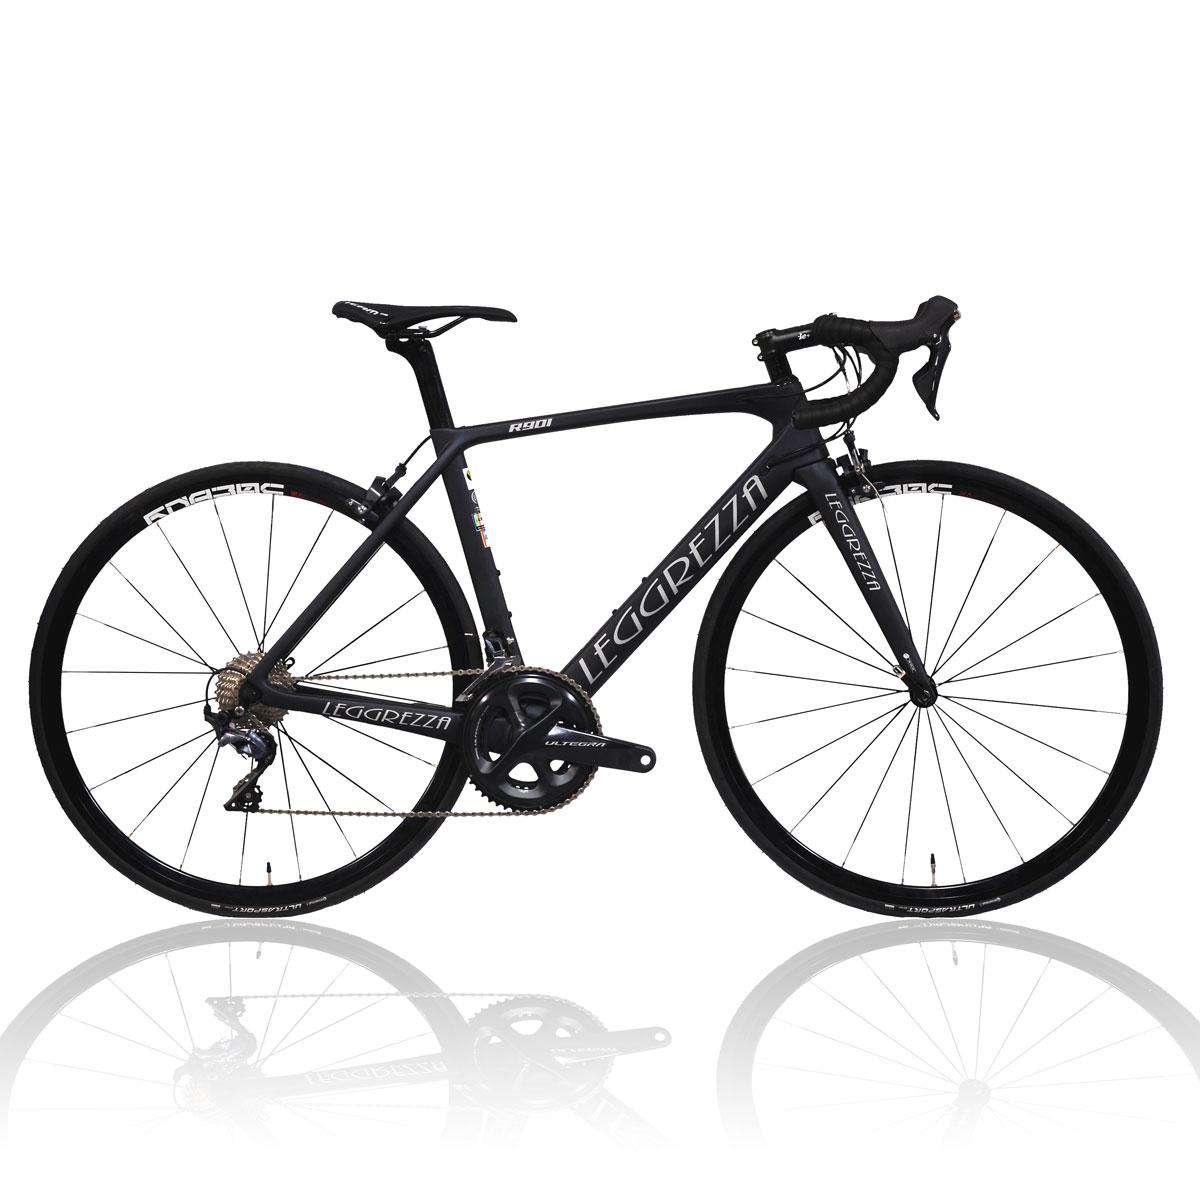 LEGGREZZA SPORTS/レグレッツァスポーツ 700C ロードレーサー R901 470mm マットブラック(6512-R901) ロードバイク 自転車本体